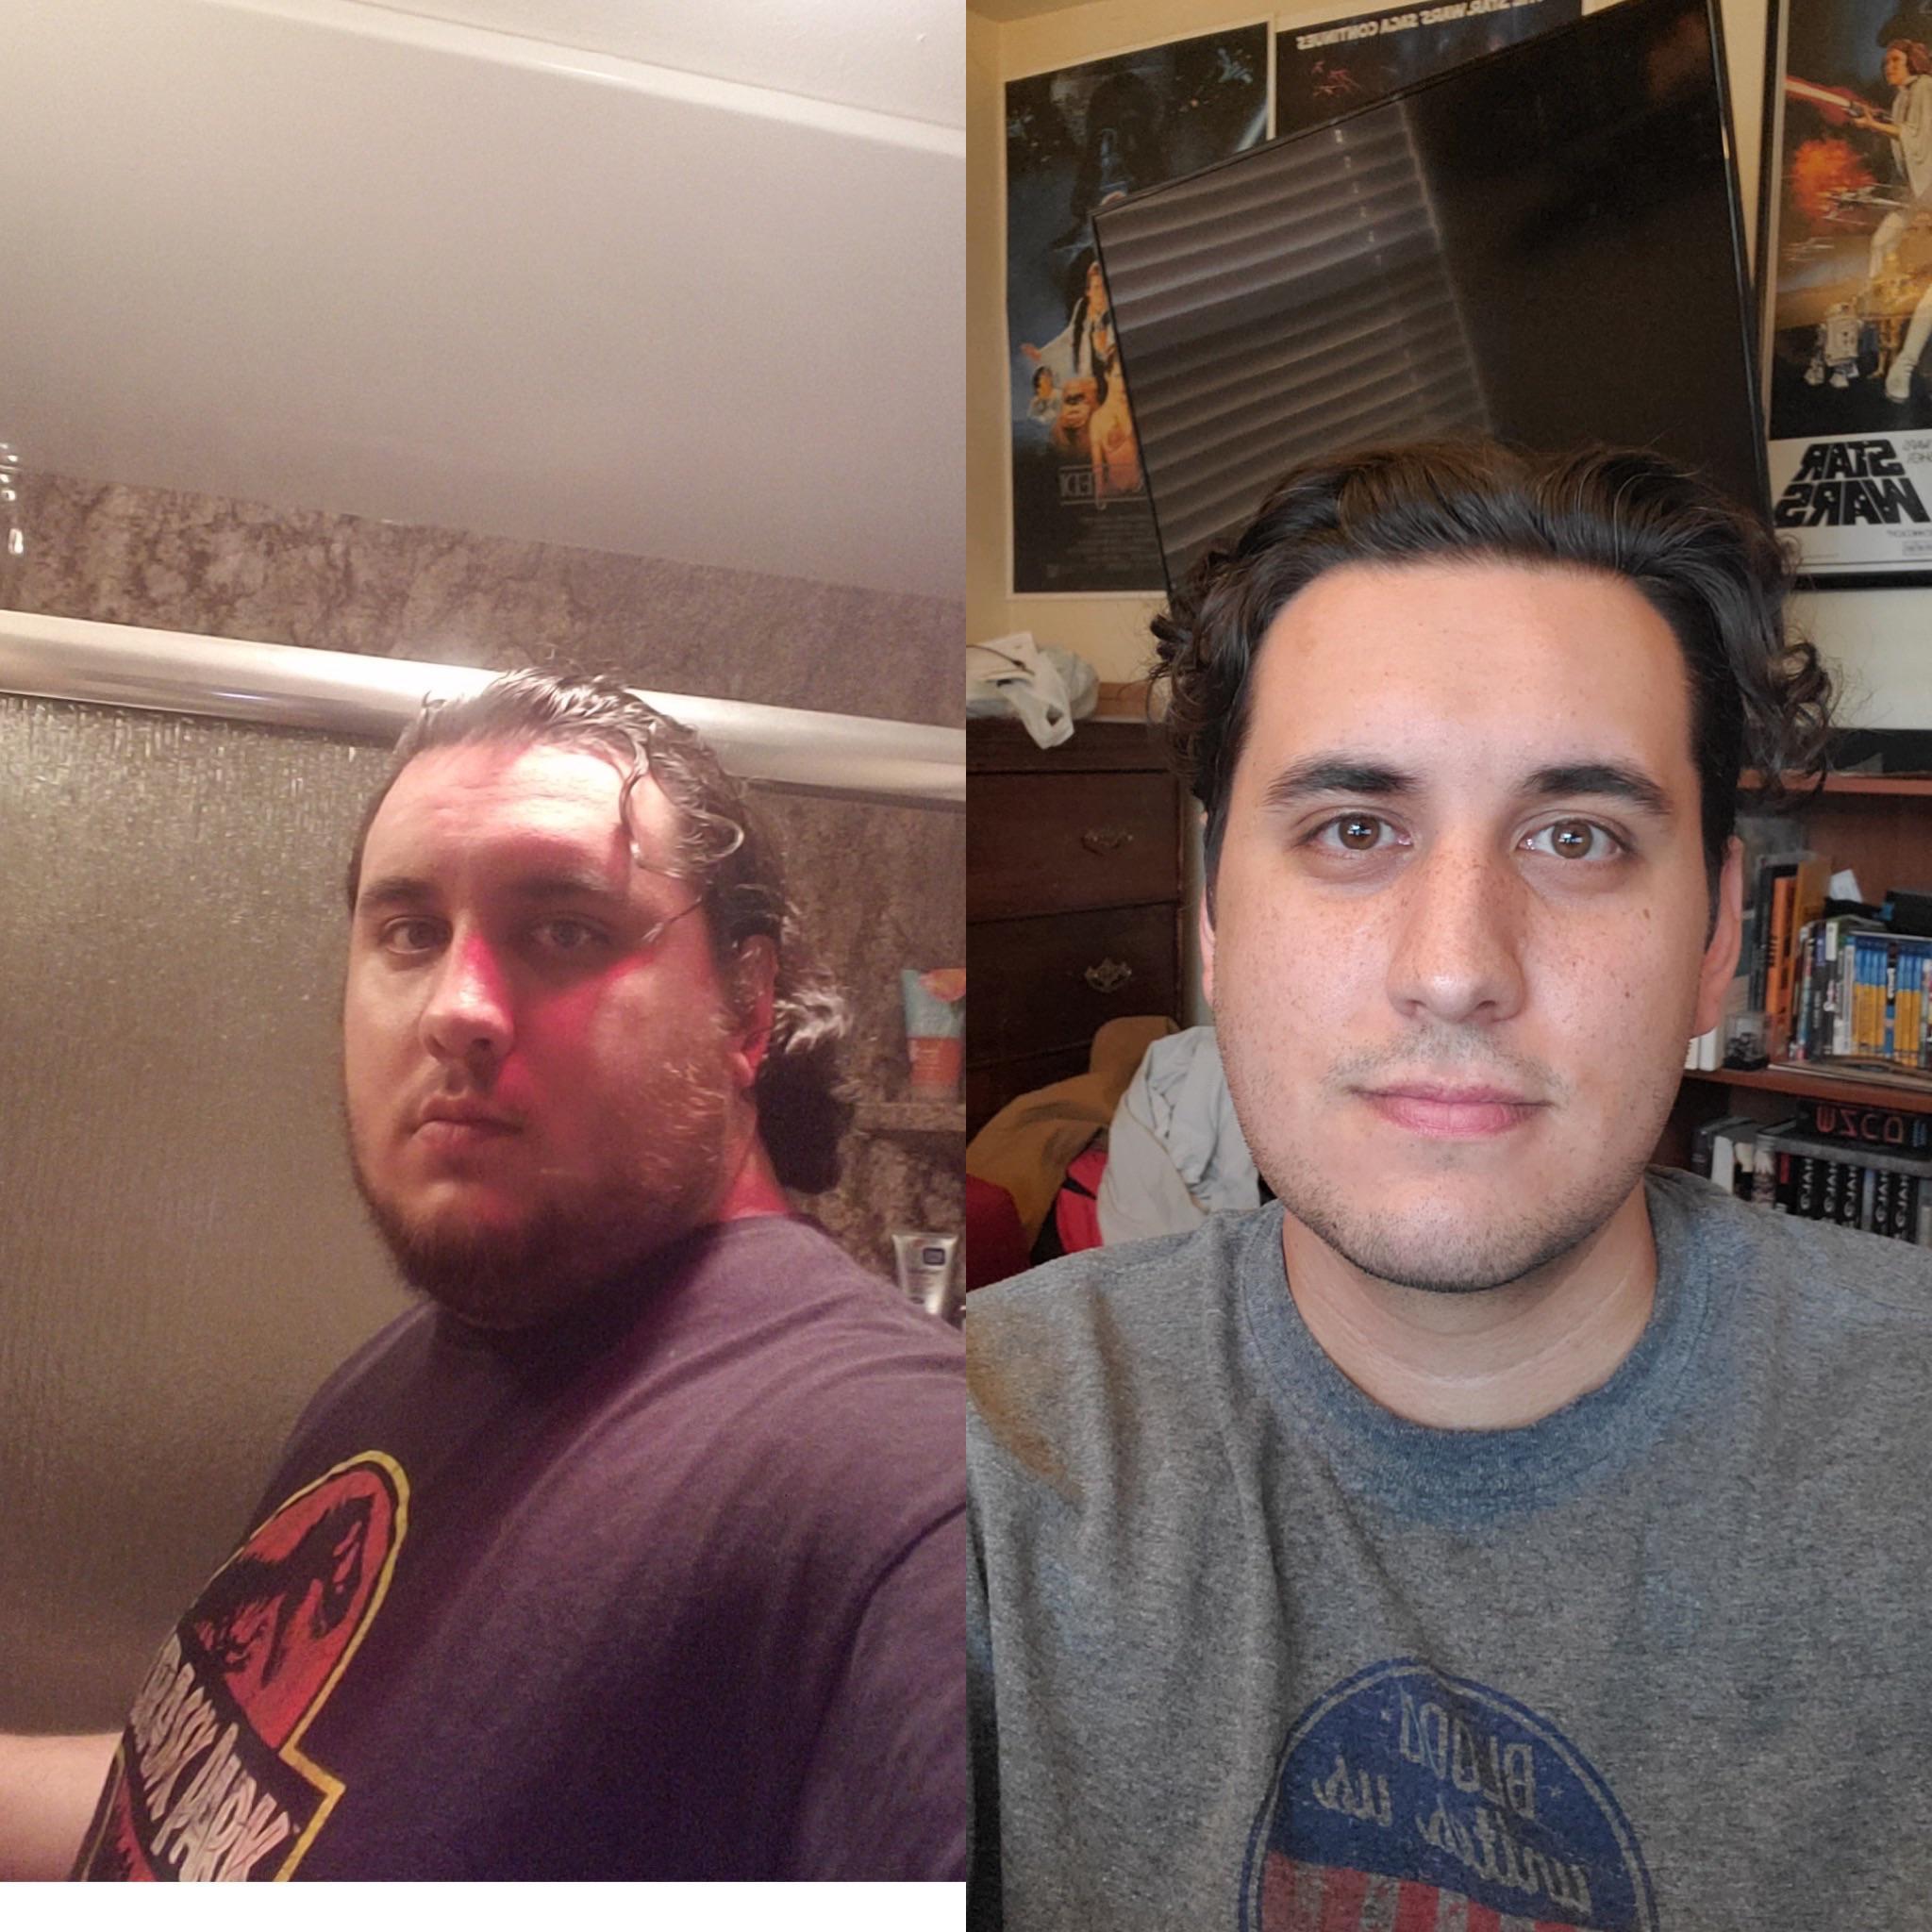 6 foot Male Progress Pics of 124 lbs Fat Loss 349 lbs to 225 lbs